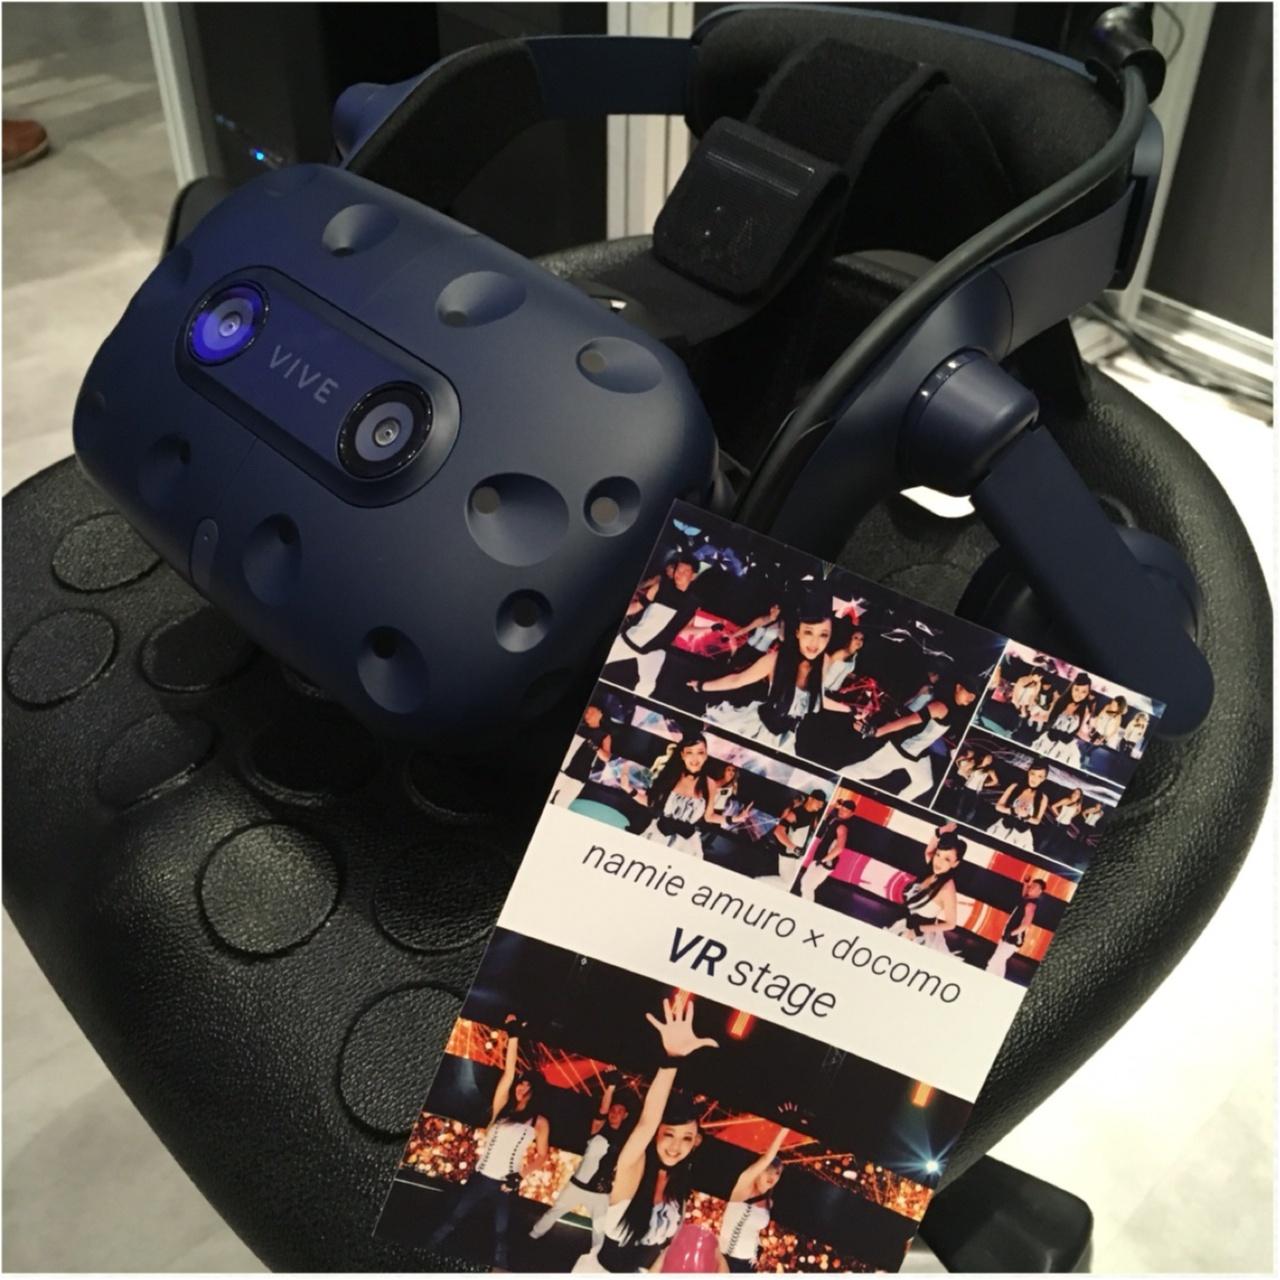 目の前に憧れの安室ちゃんが!namie  amuro×docomo VR stageを体験してきました♡_3